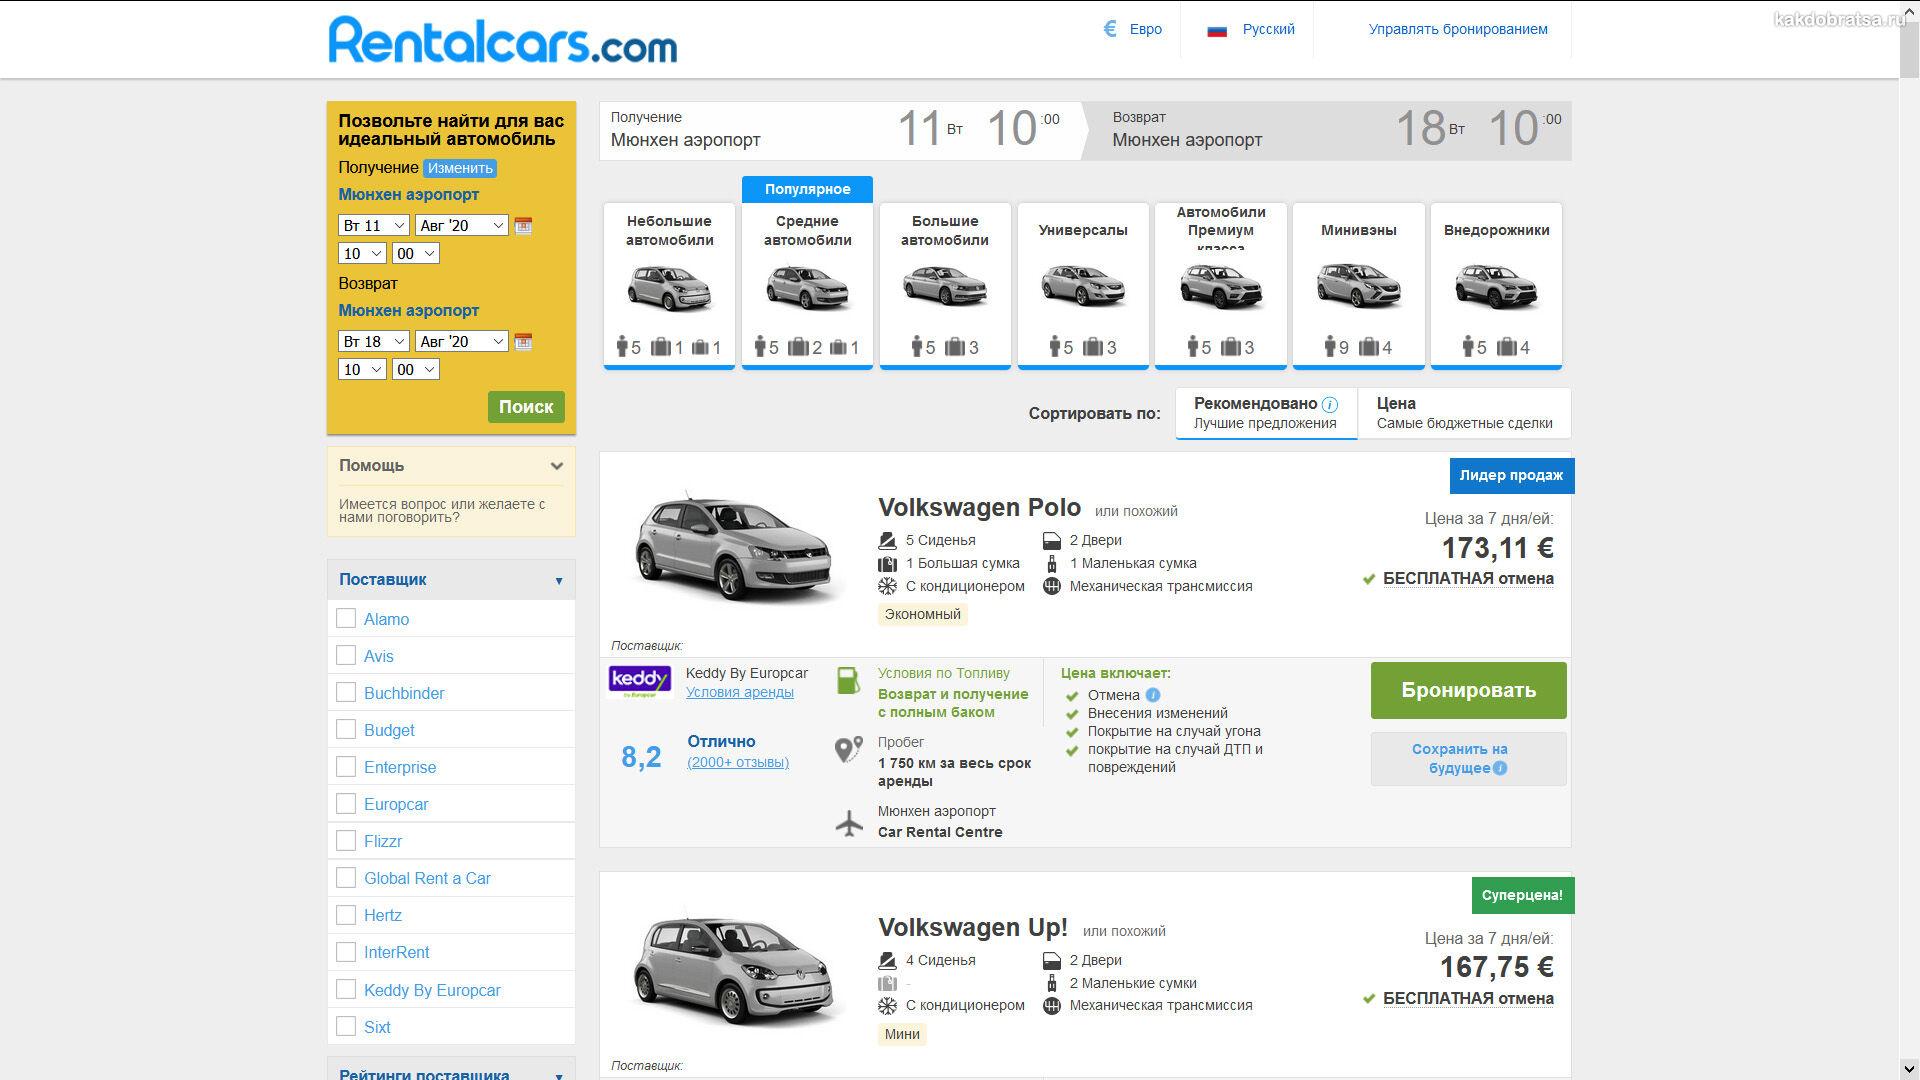 Цены на аренду авто в Германии